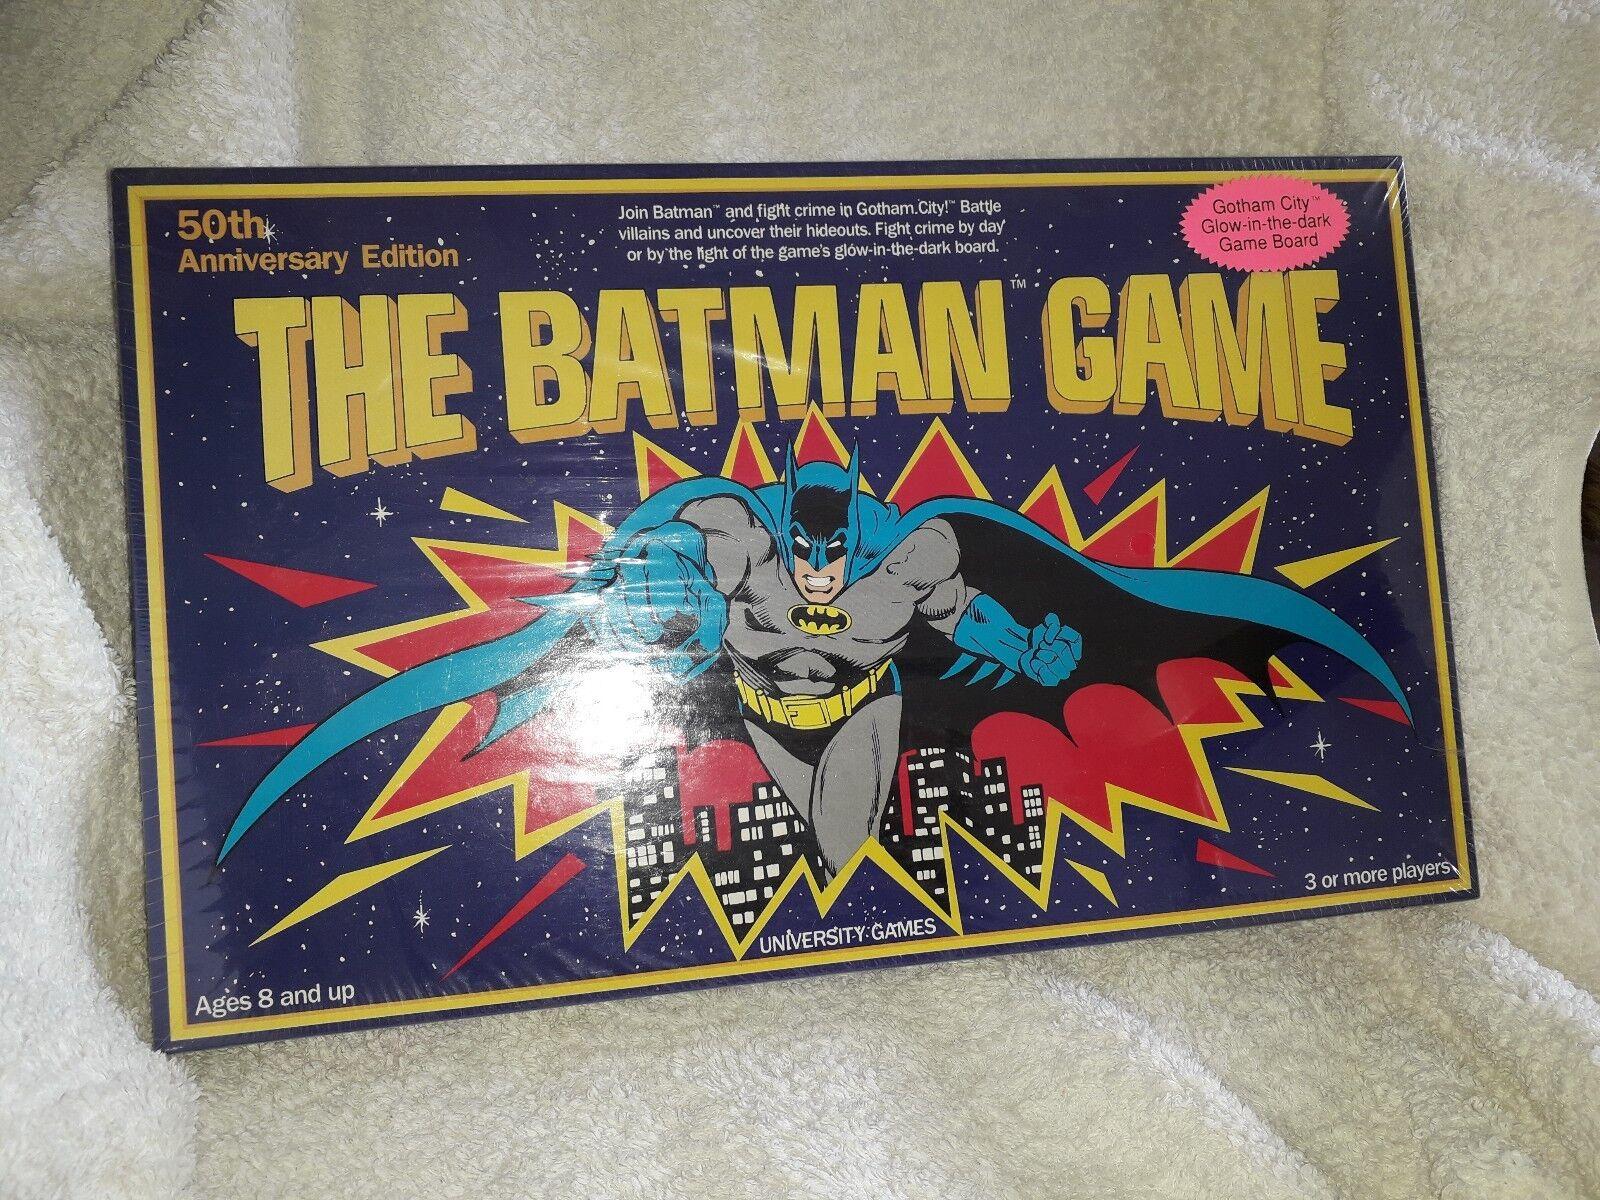 Der batman - brettspiel 50. jahrestag ed 1989 mint gotham city leuchten im dunkeln